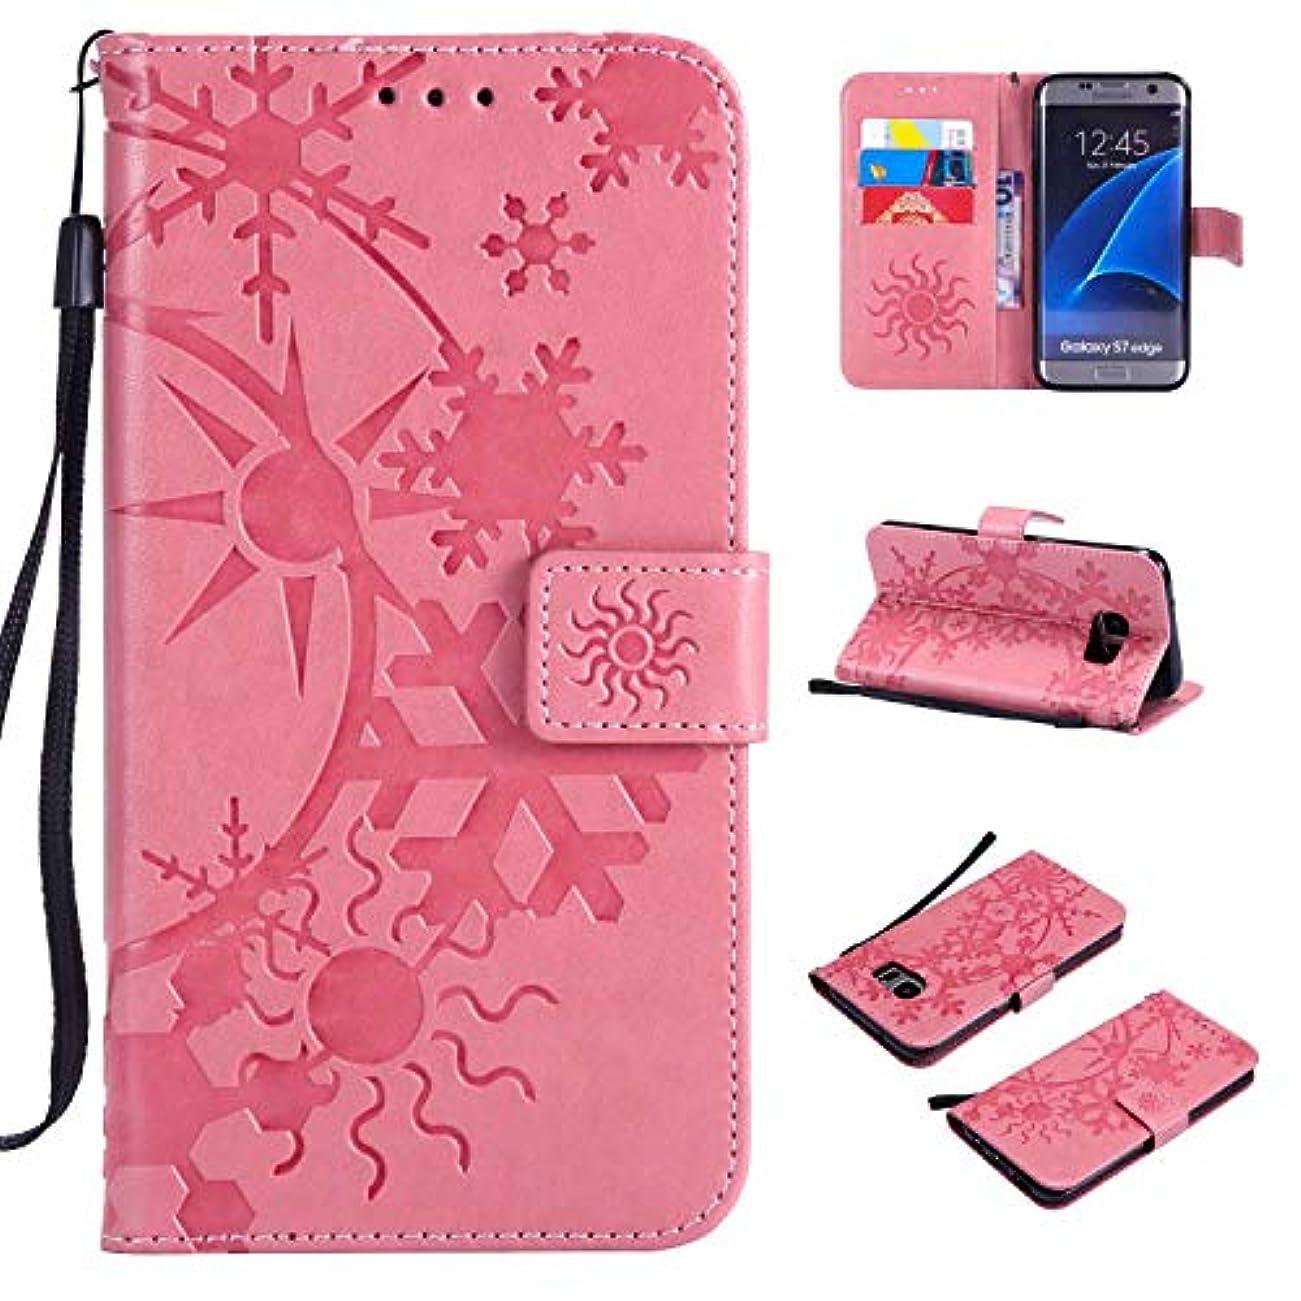 ゲートウェイピンチスムーズにGalaxy S7 Edge ケース CUSKING 手帳型 ケース ストラップ付き かわいい 財布 カバー カードポケット付き Samsung ギャラクシー S7 Edge マジックアレイ ケース - ピンク